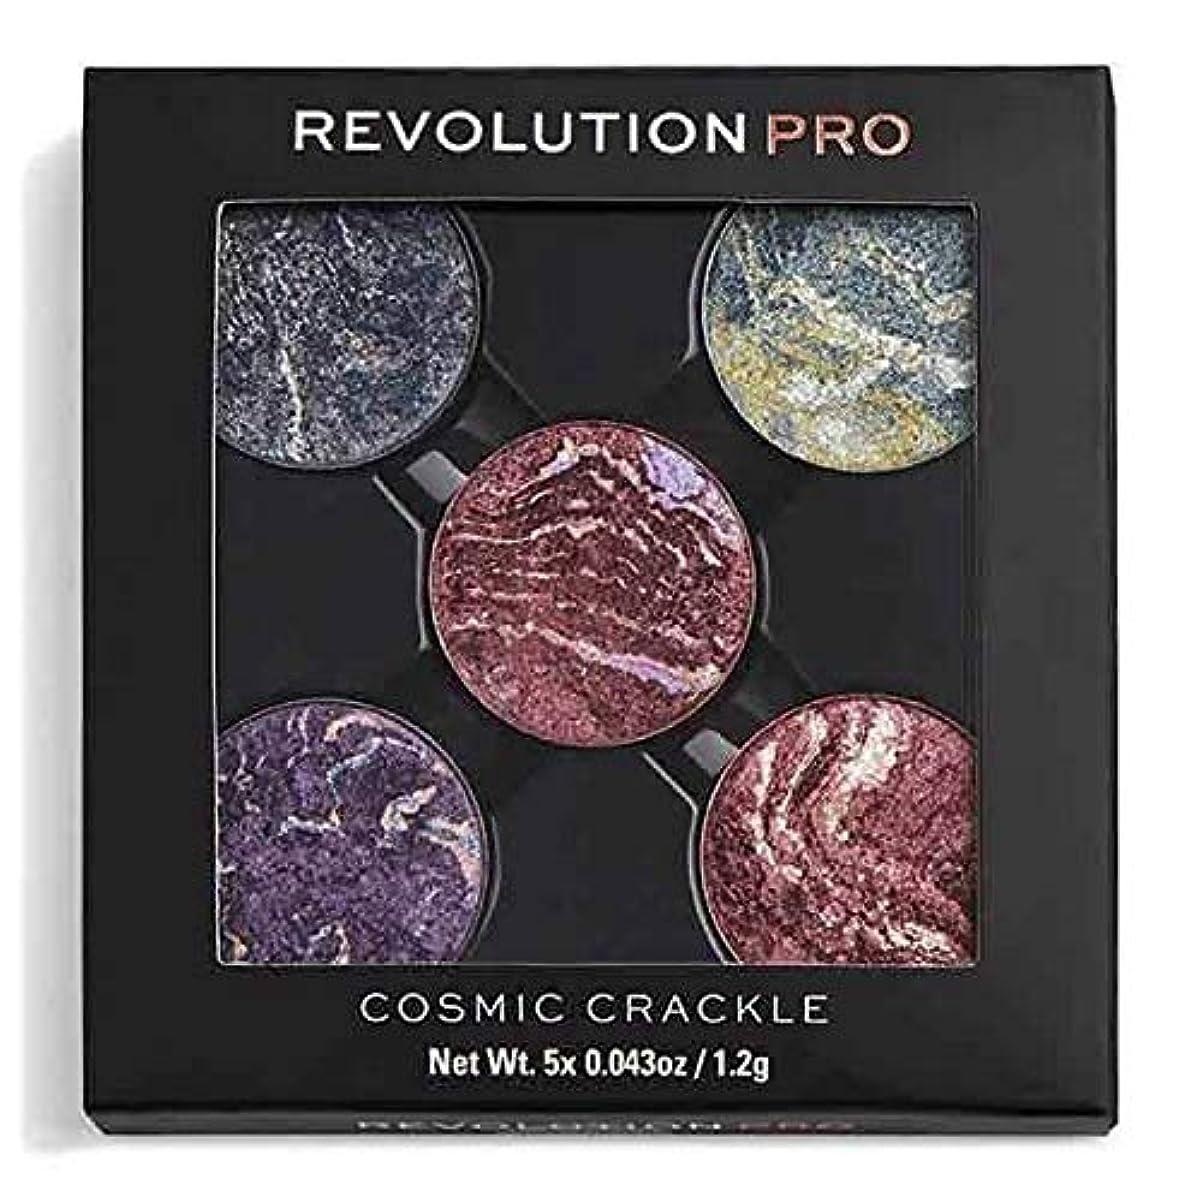 課税雄大な製造[Revolution ] 革命プロリフィルアイシャドウは、宇宙クラックルをパック - Revolution Pro Refill Eyeshadow Pack Cosmic Crackle [並行輸入品]